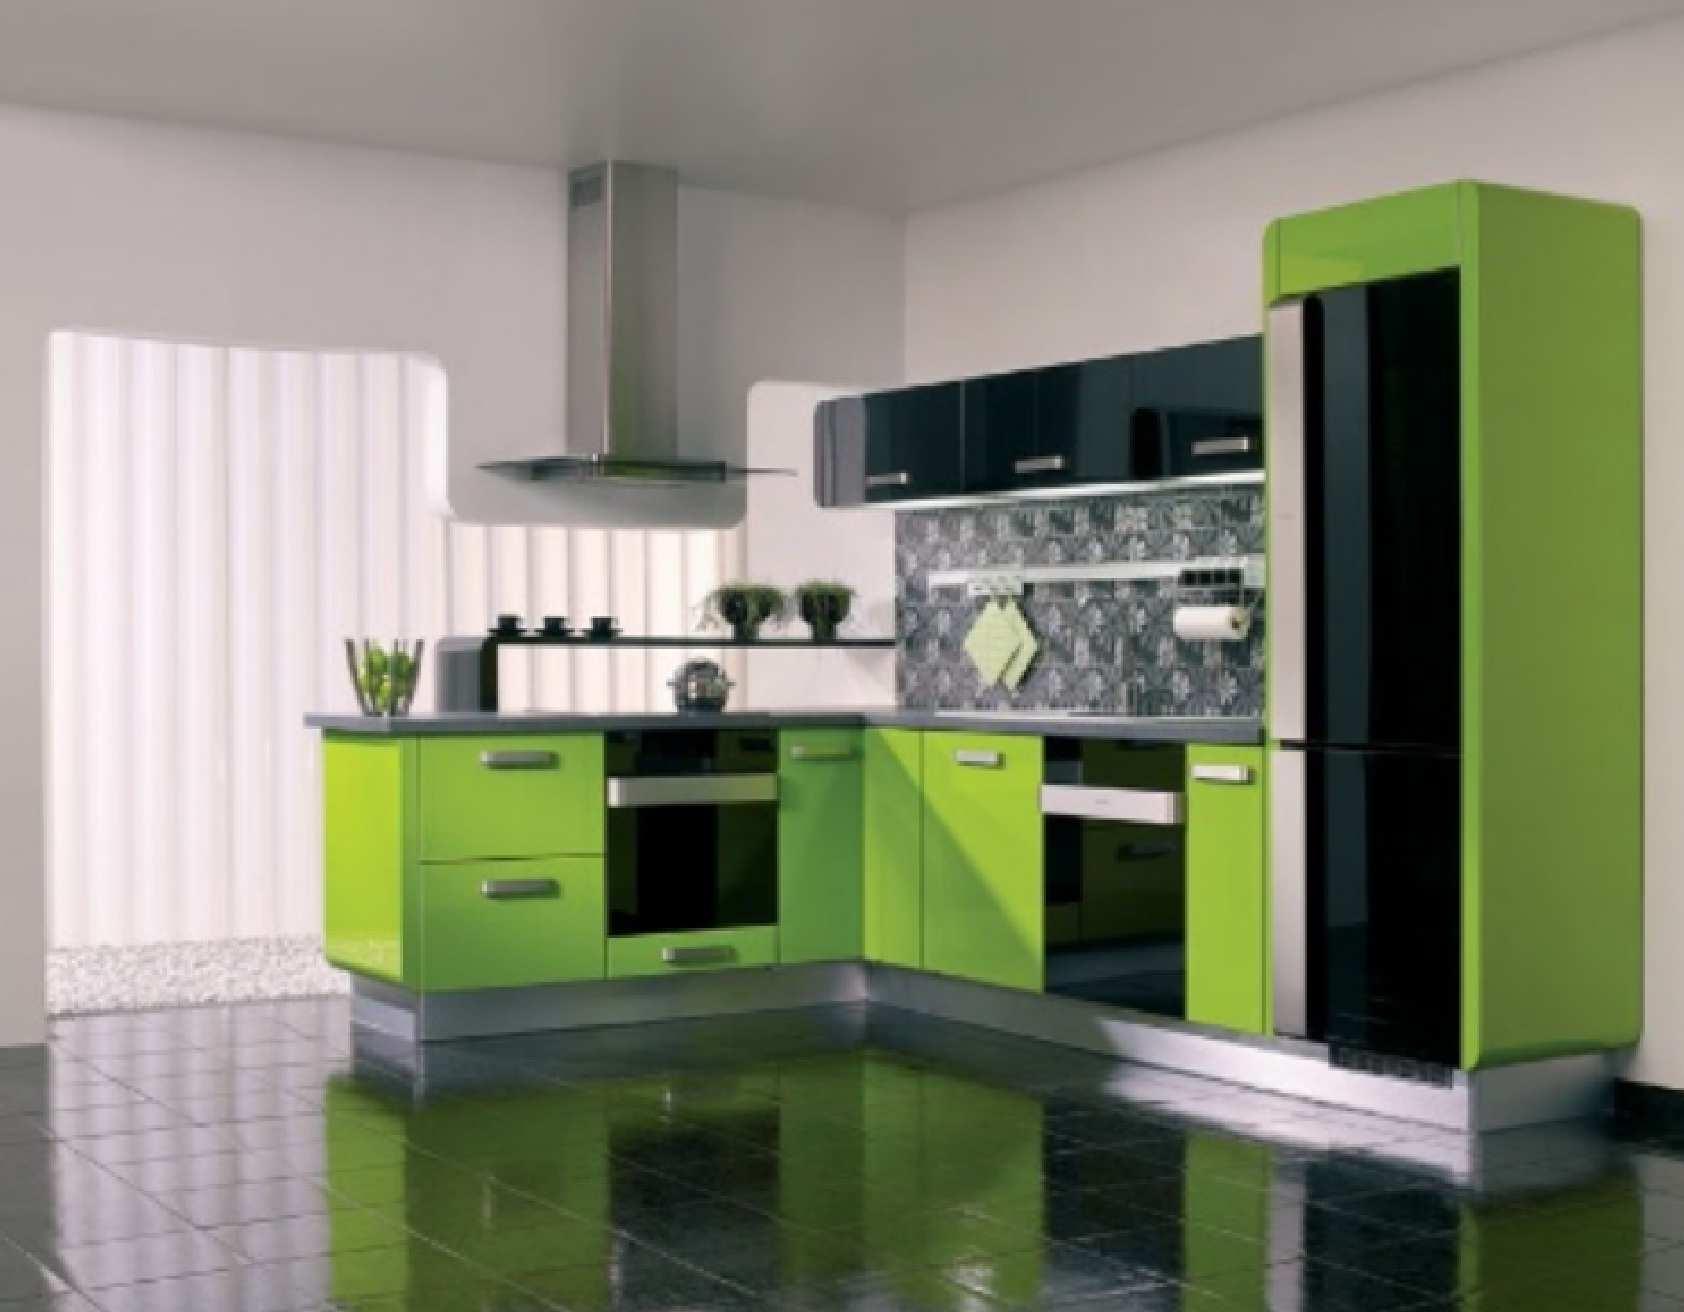 interior-kitchen-designs-fair-interior-kitchen-design-photos-images.jpg